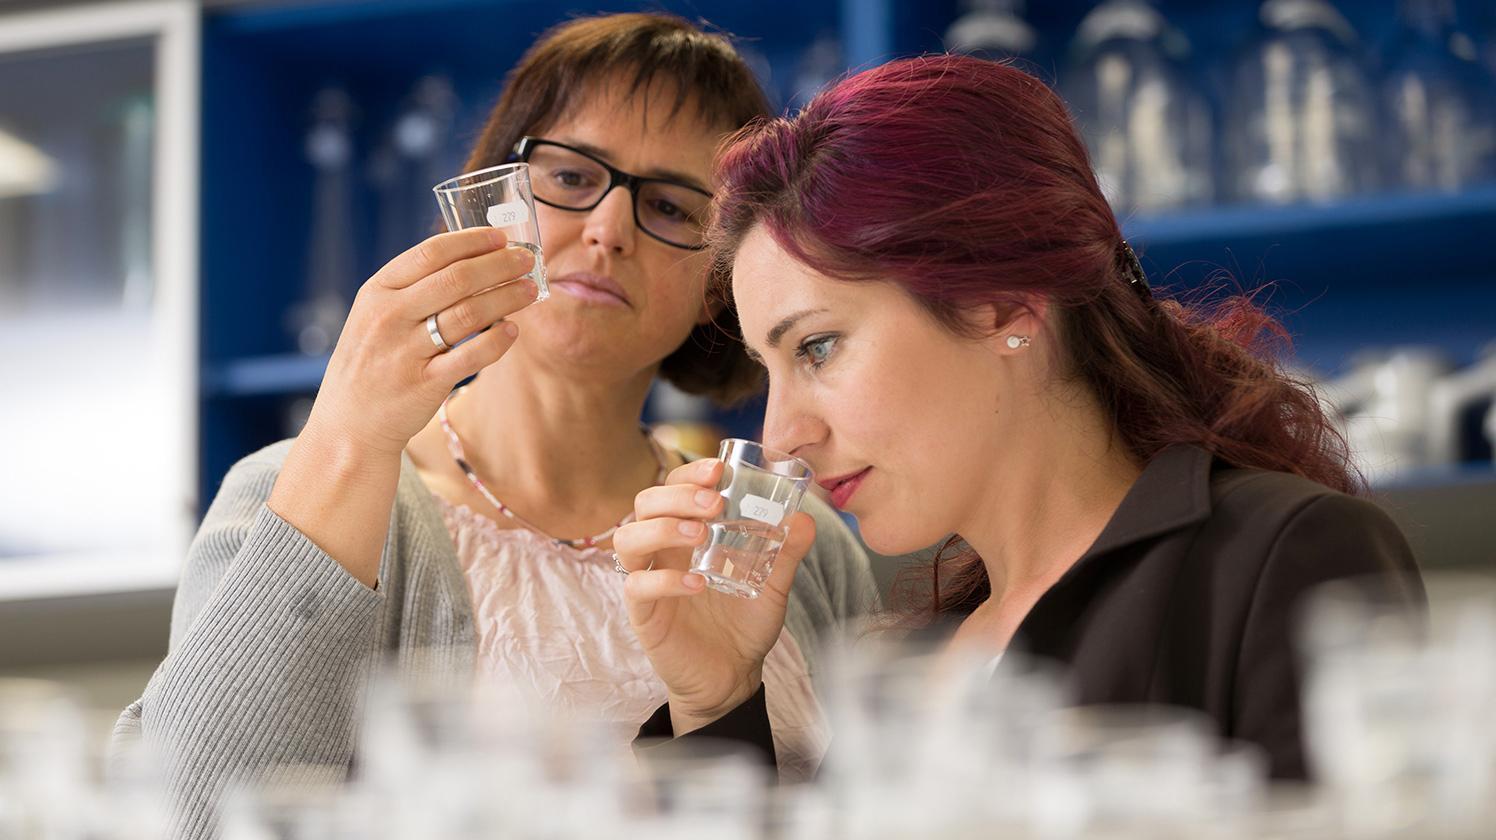 BRITA sensorisch lab team test